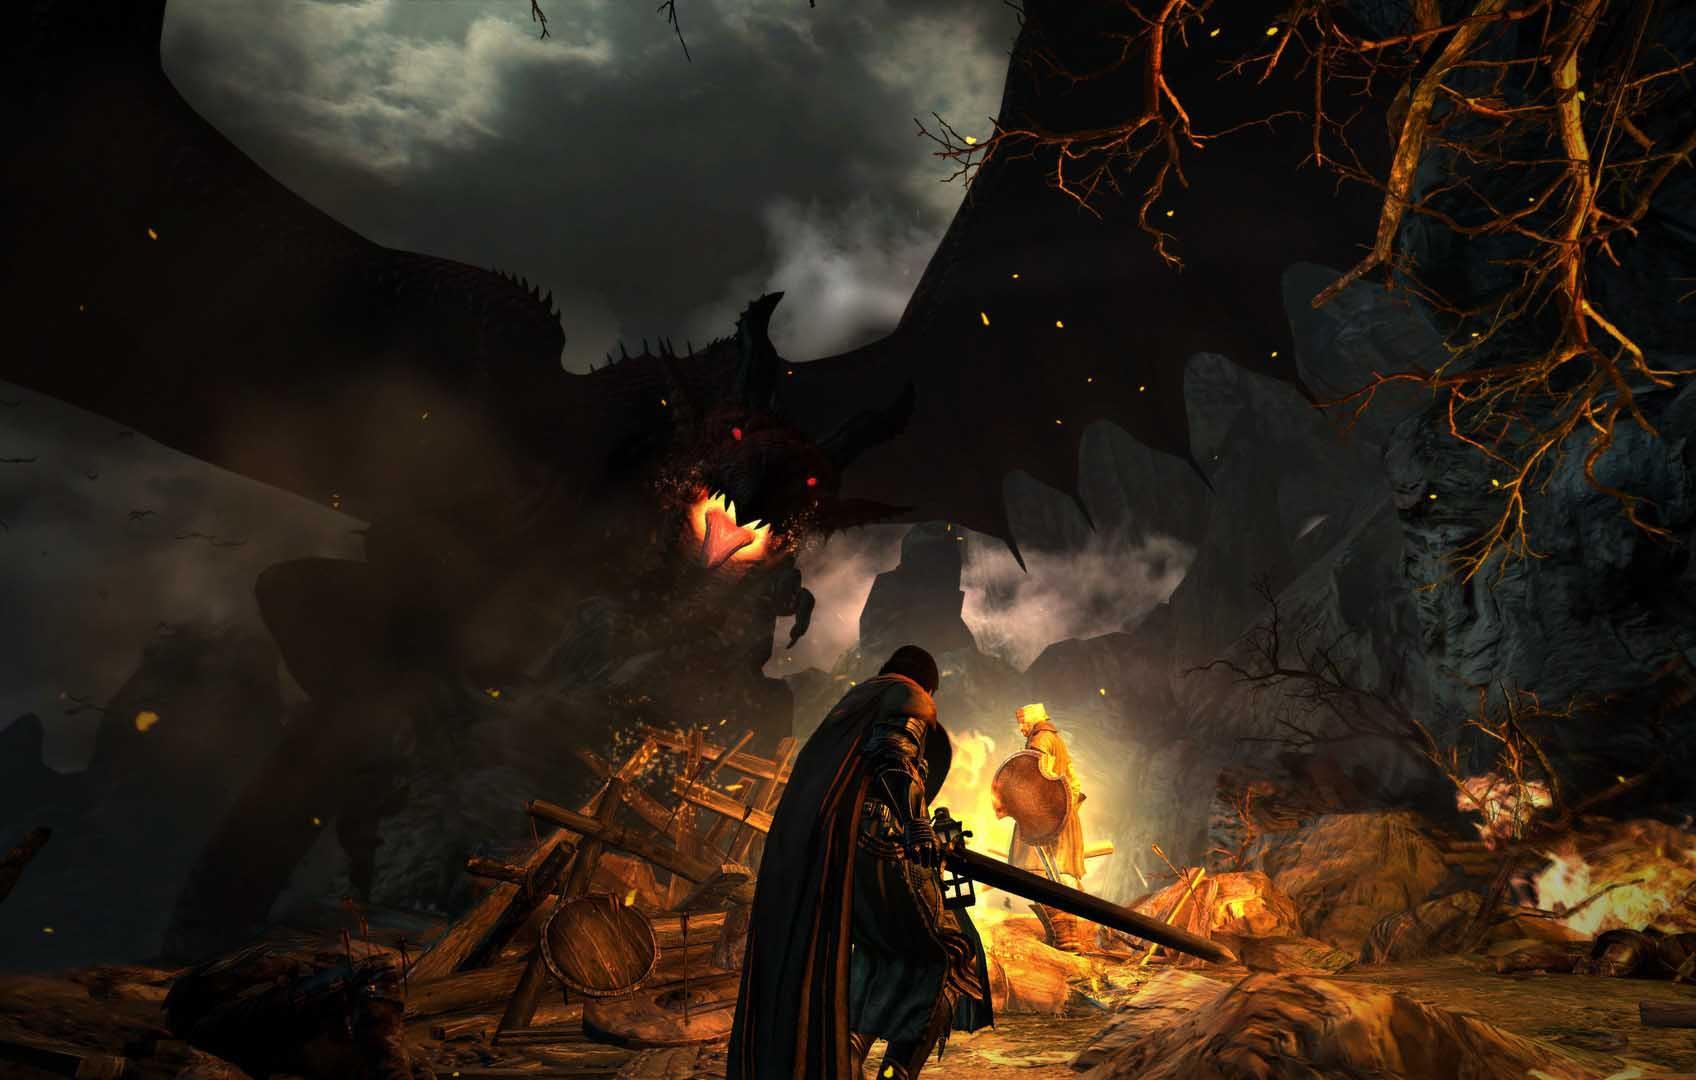 El creador de Devil May Cry está trabajando en un nuevo juego 2